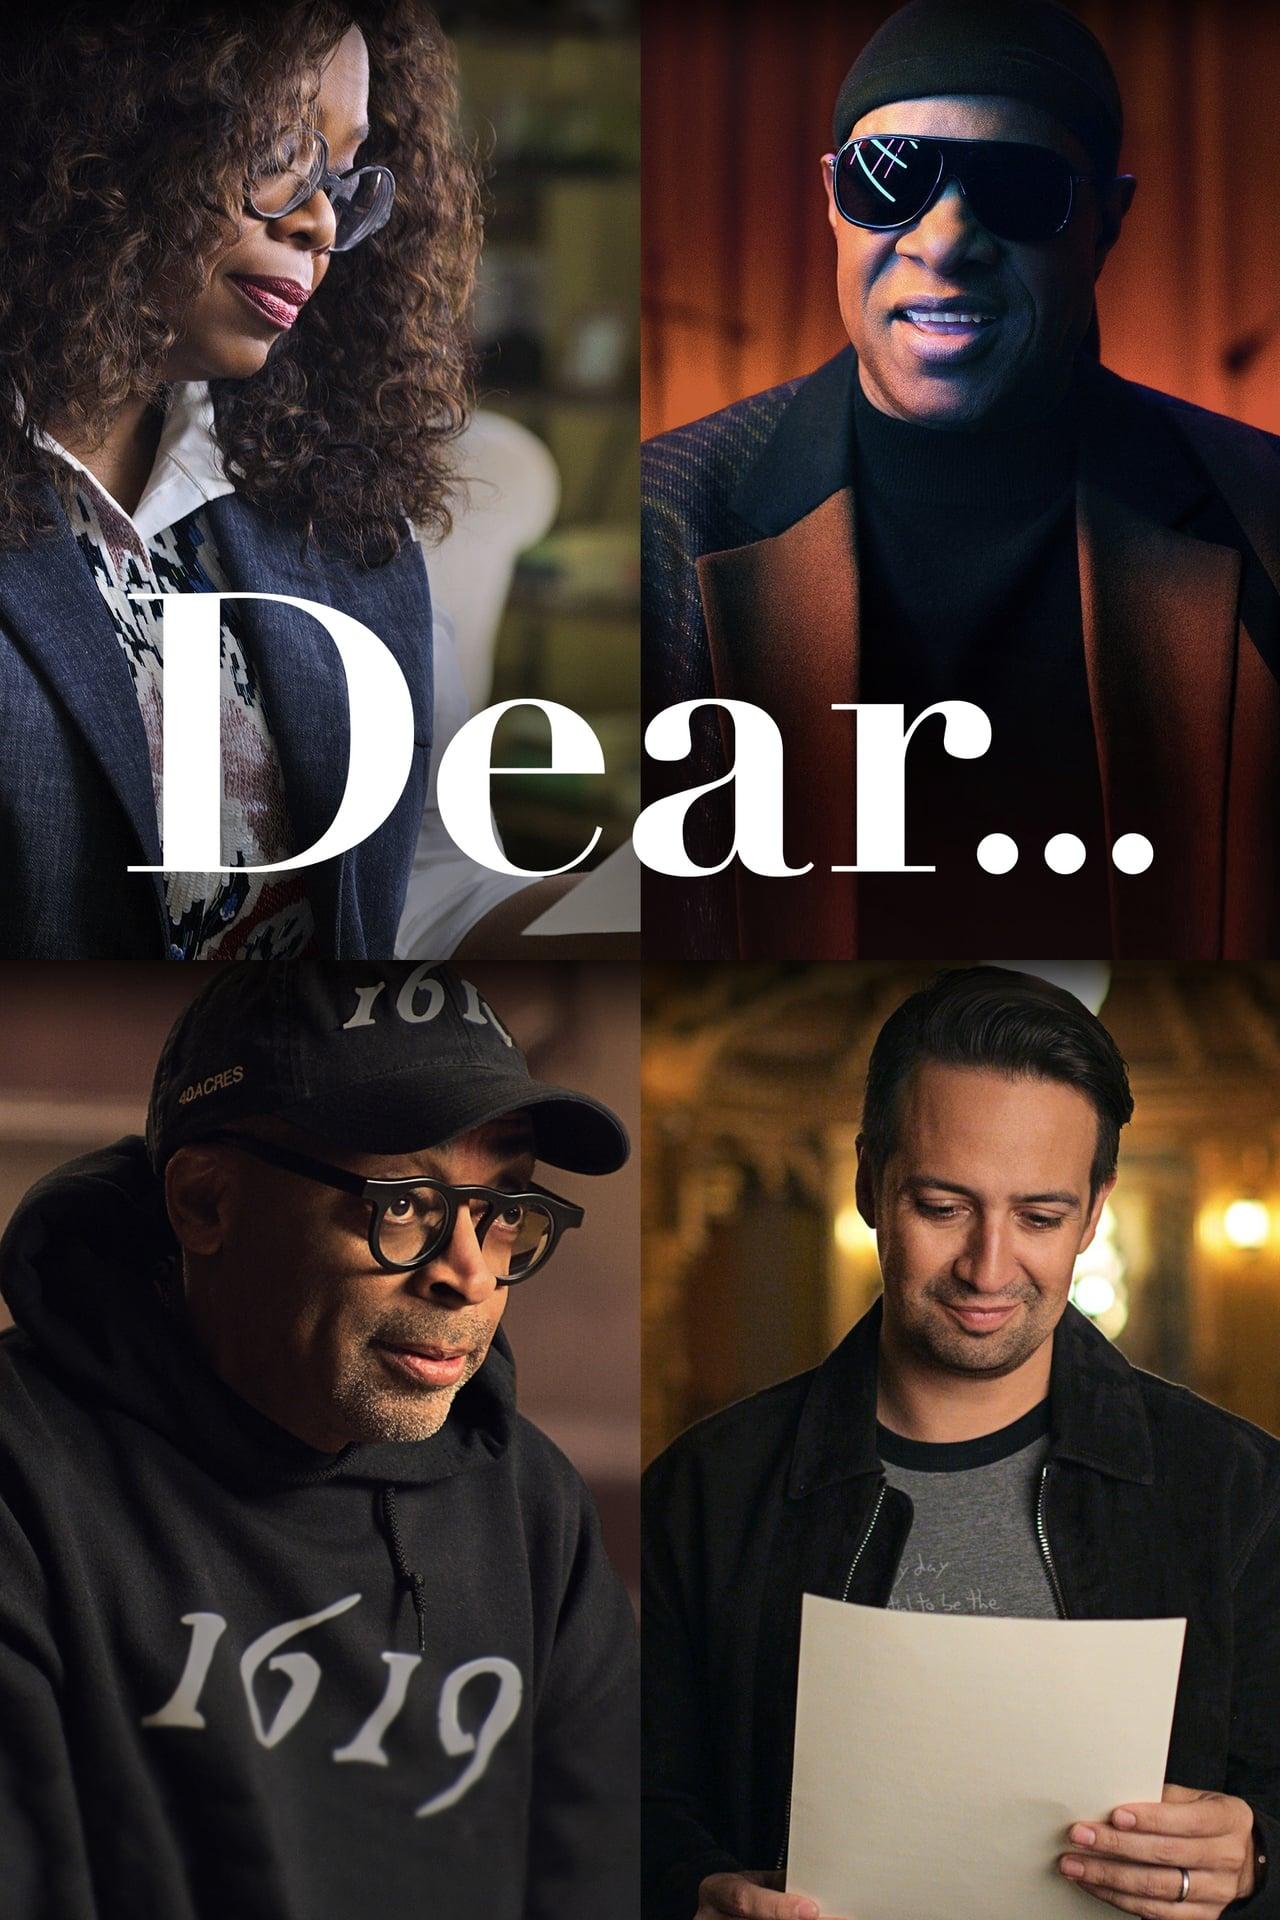 Serie Dear... Season 1 on Soap2day online